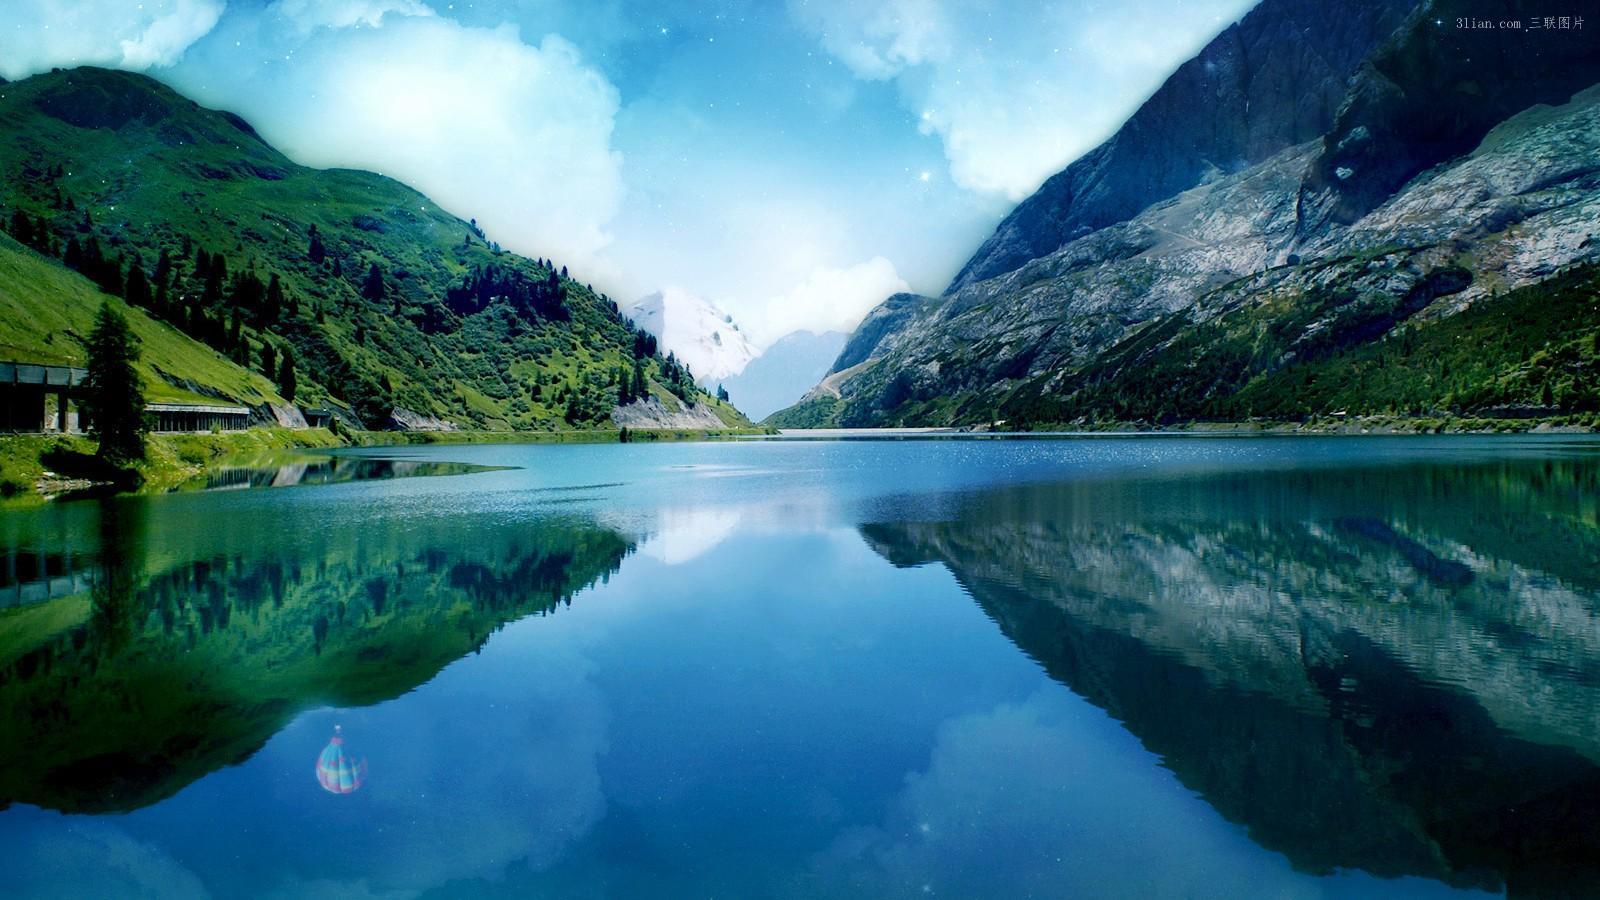 壁纸 风景 山水 摄影 桌面 1600_900